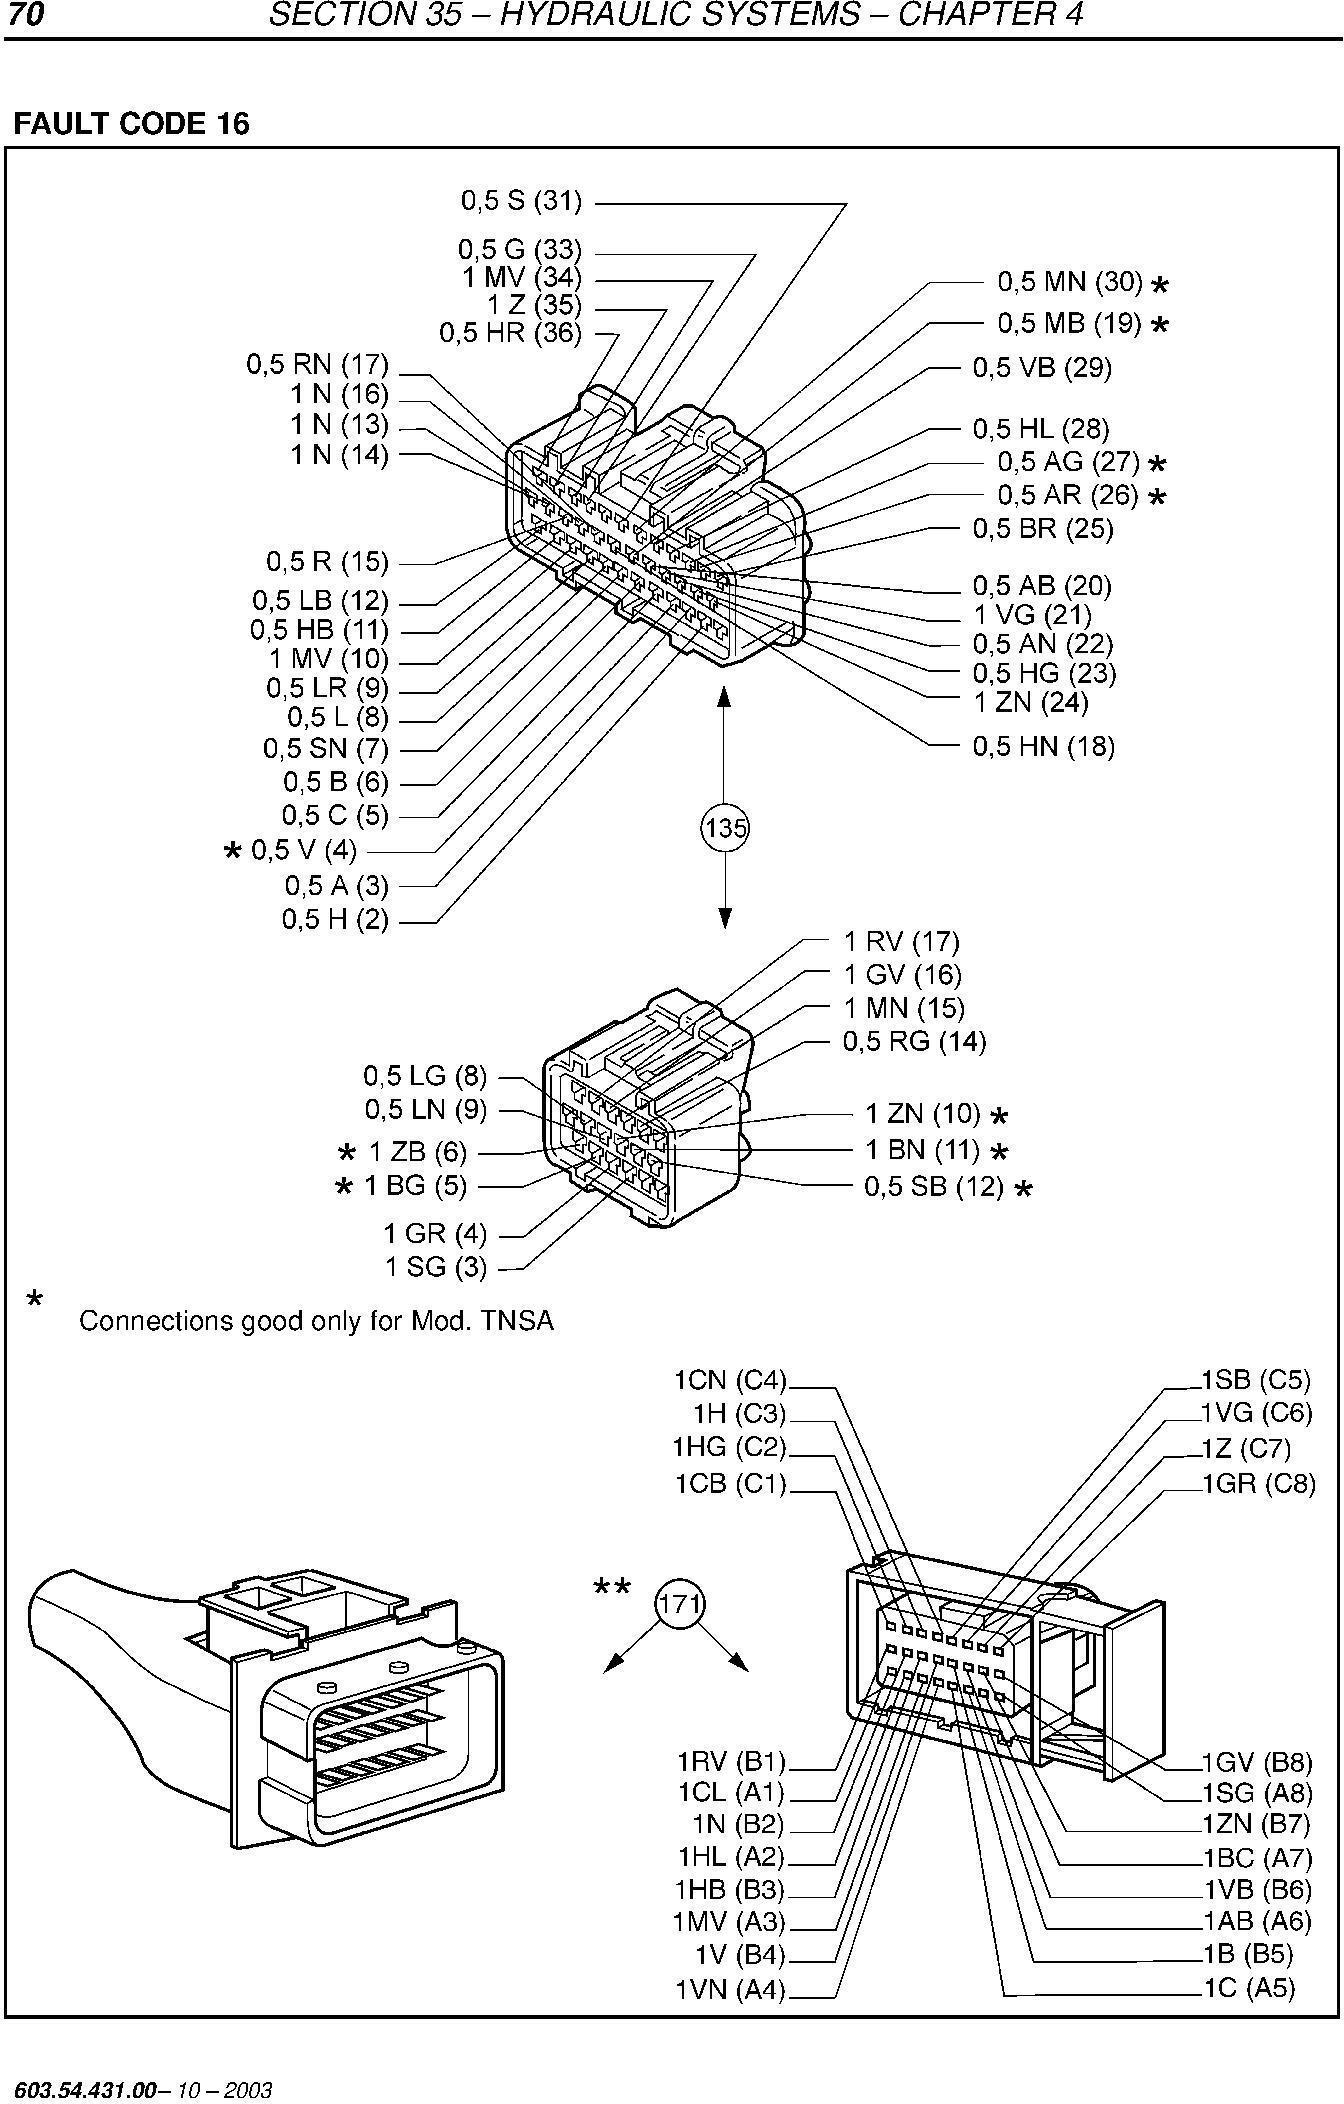 New Holland TN60DA, TN70DA, TN75DA, TN60SA, TN70SA, TN75SA Tractors Service Manual - 3